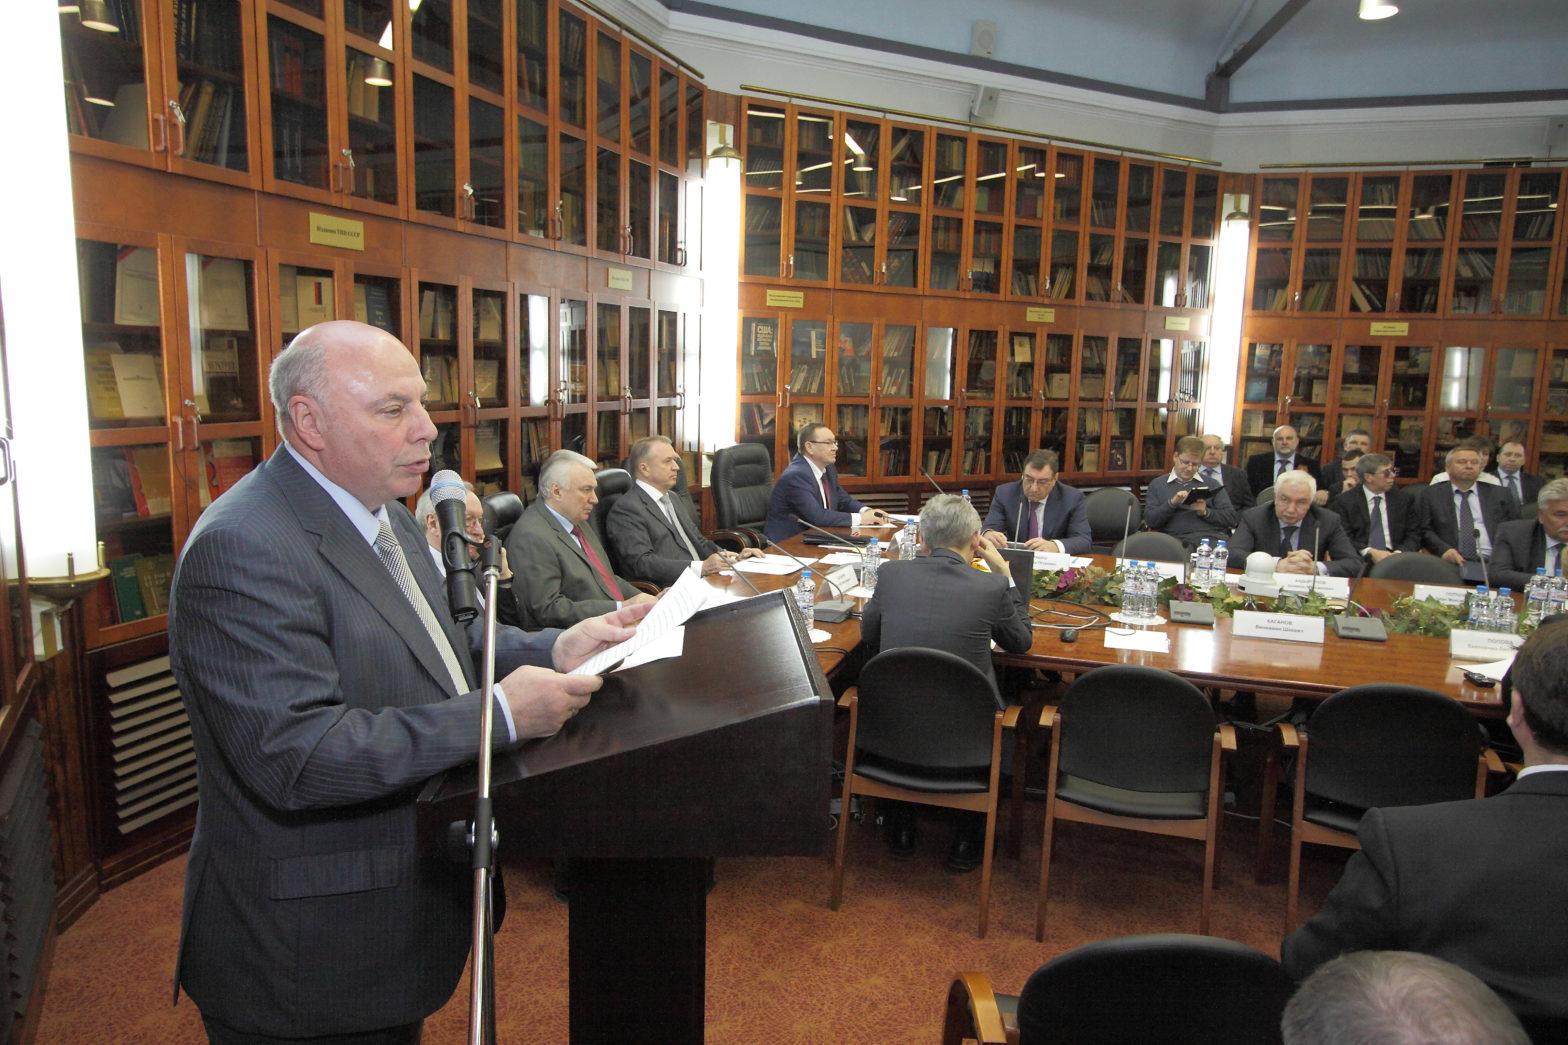 Состоялось ежегодное отчетное заседание Совета и Попечительского Совета Фонда